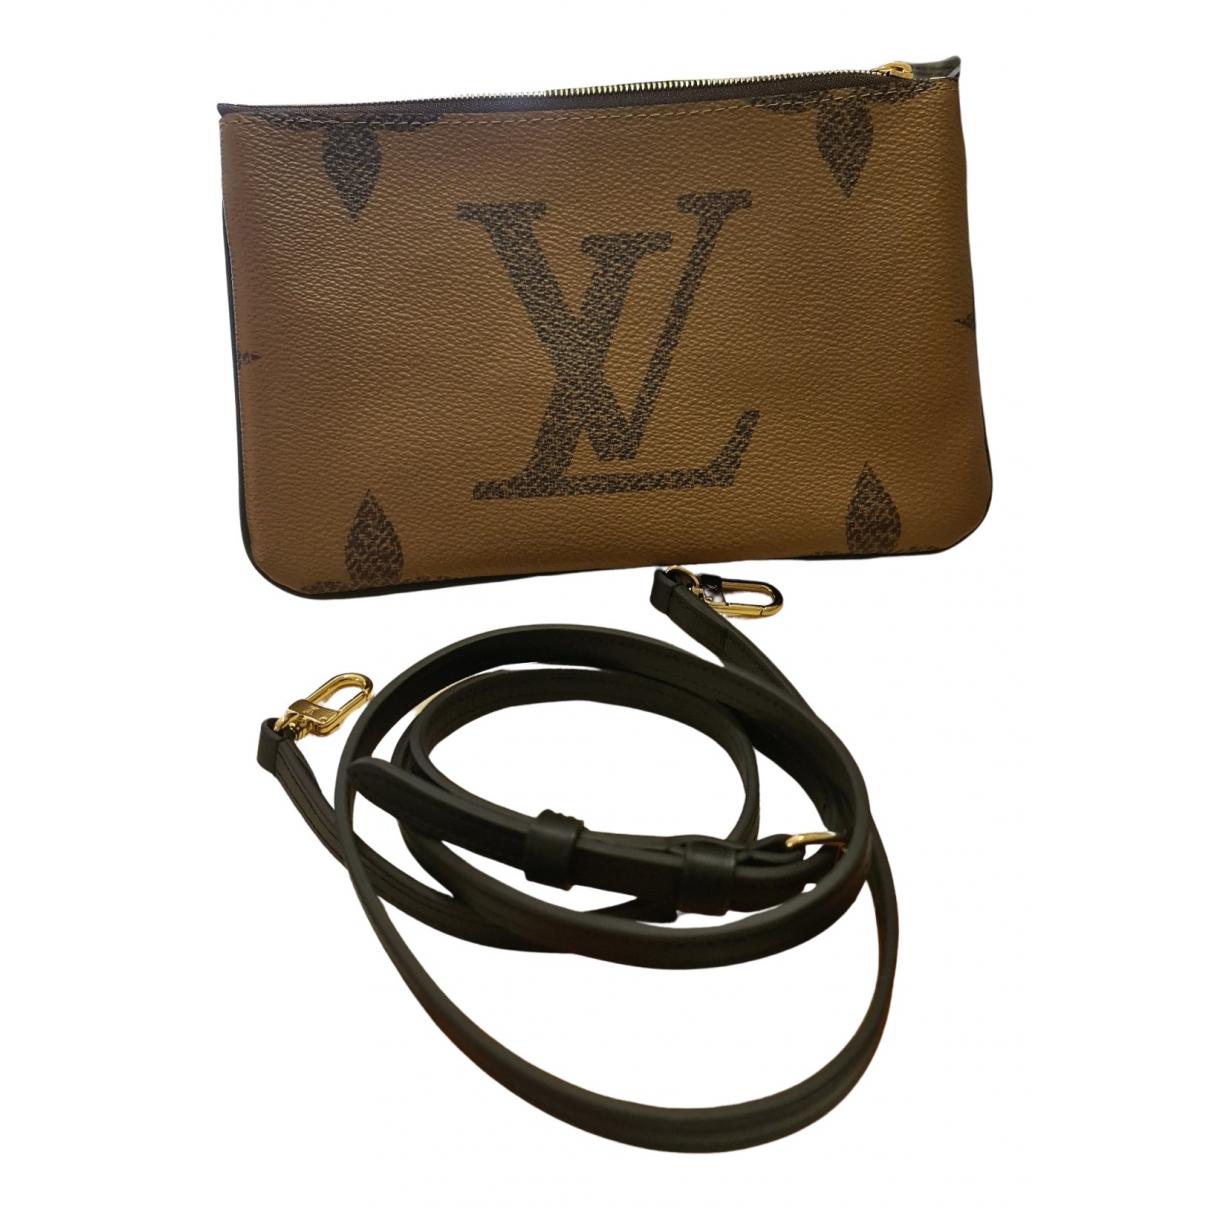 Louis Vuitton - Pochette Double zip pour femme en toile - marron